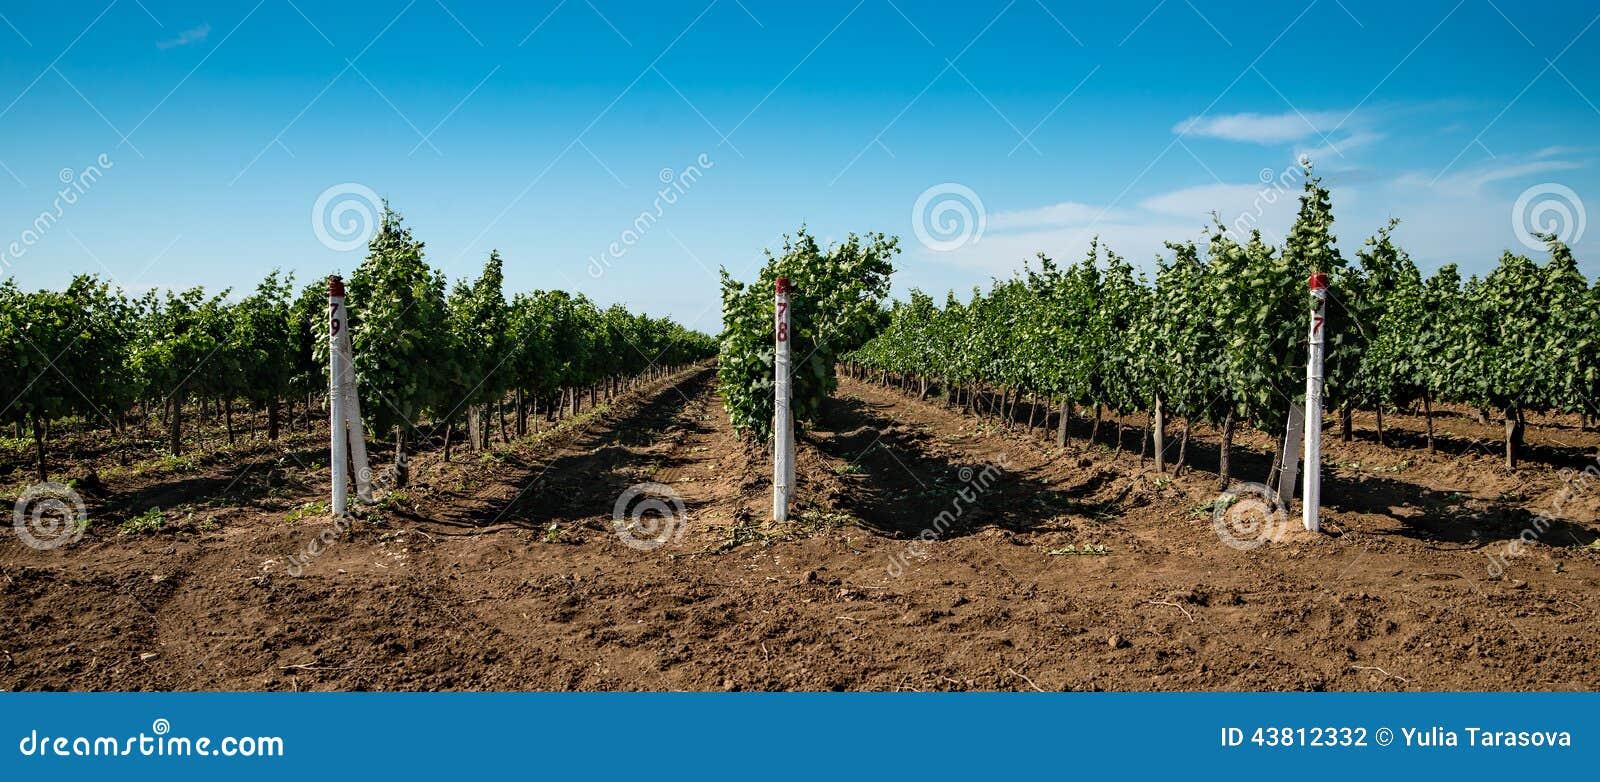 葡萄园,葡萄耕种,藤